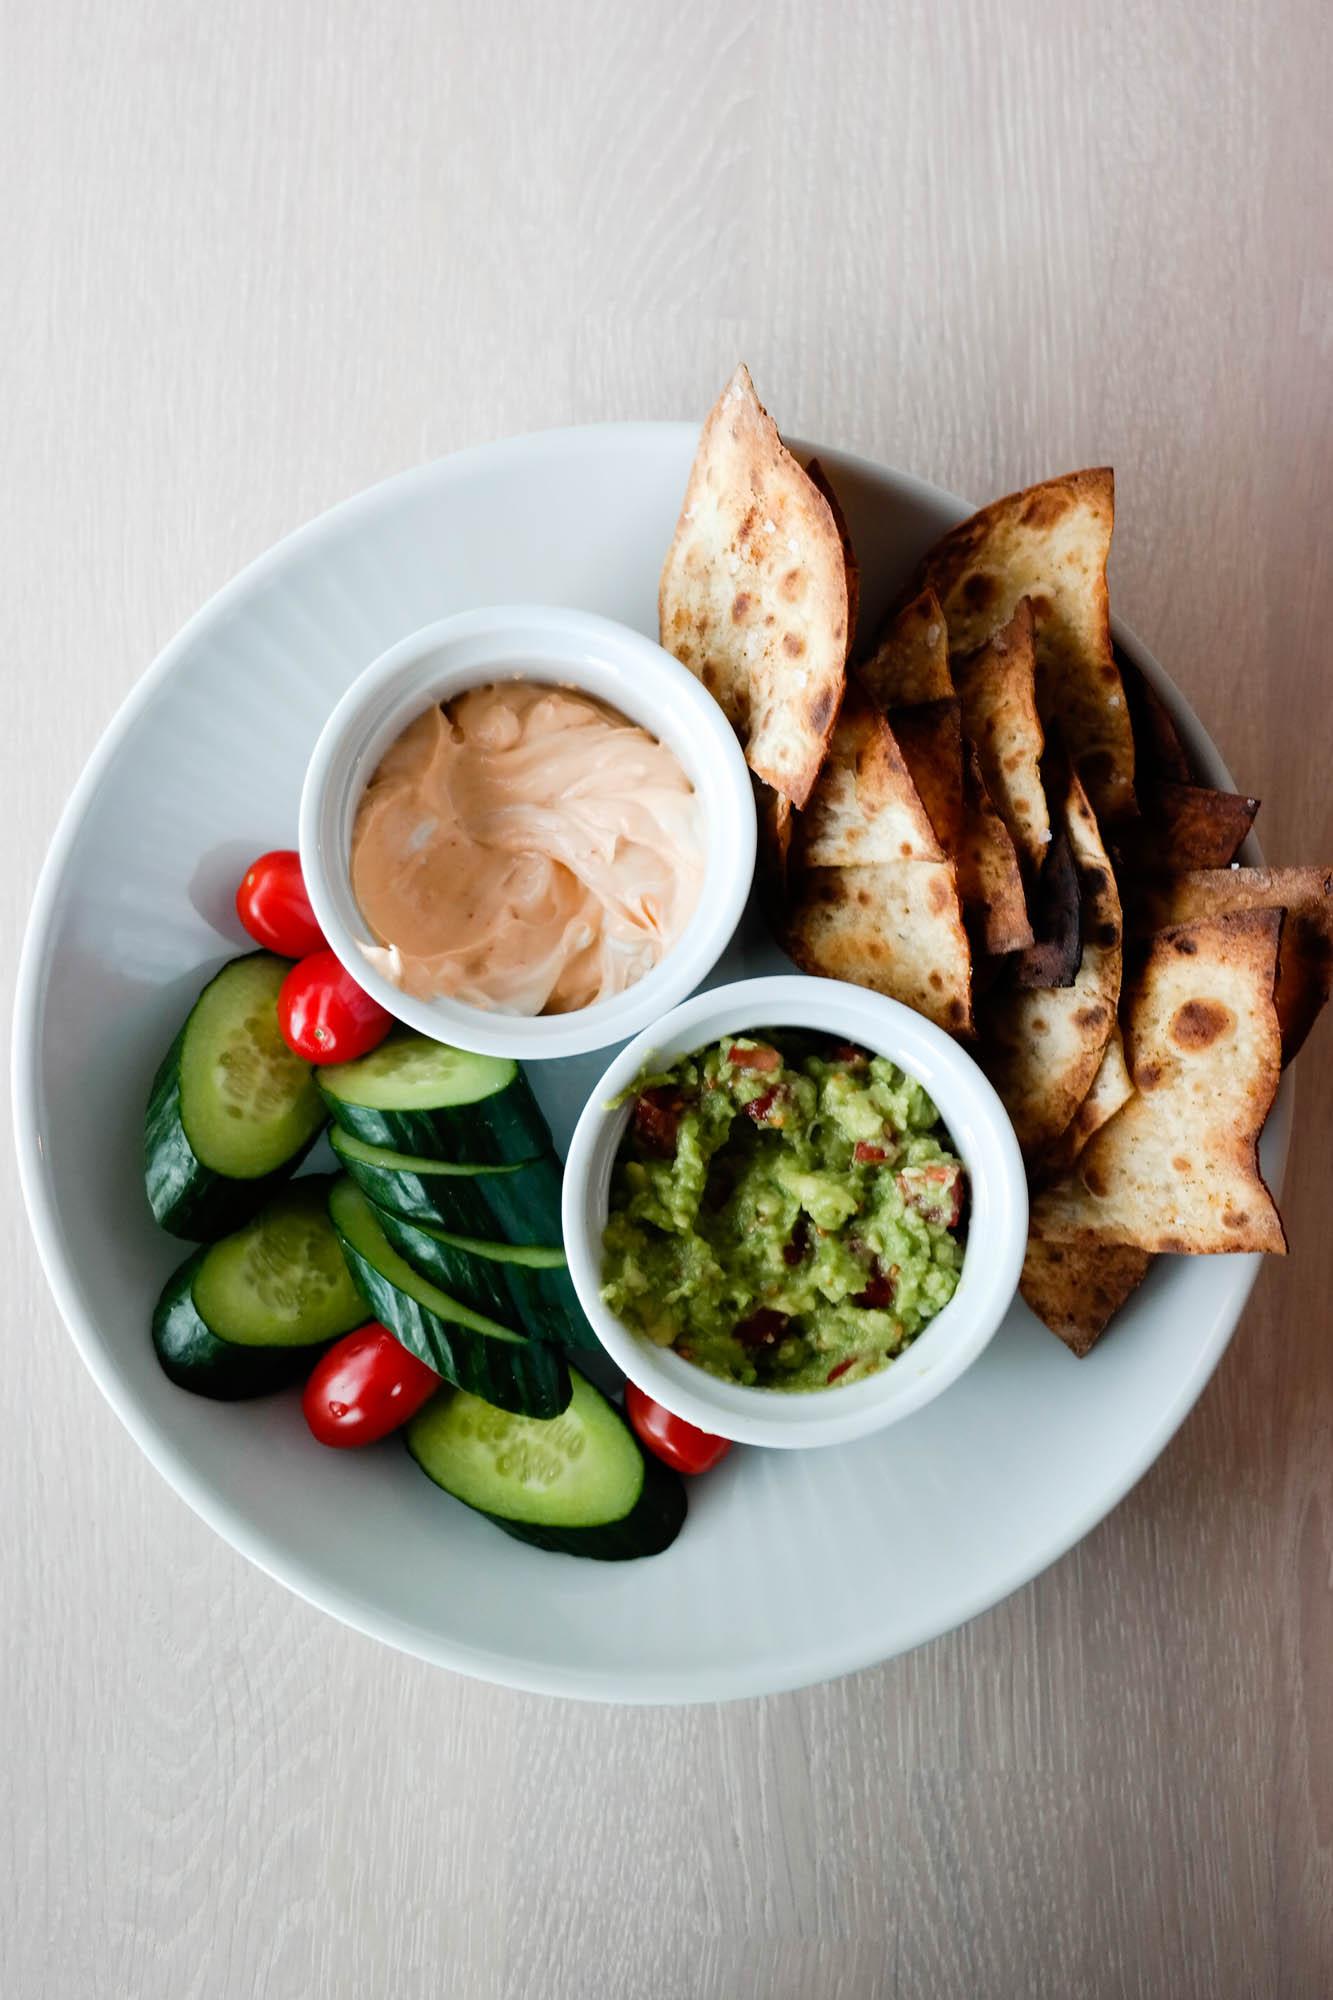 Ikke kast mat! Bruk heller restene til å lage en skikkelig restefest, for eksempel speltlompechips med guacamole.